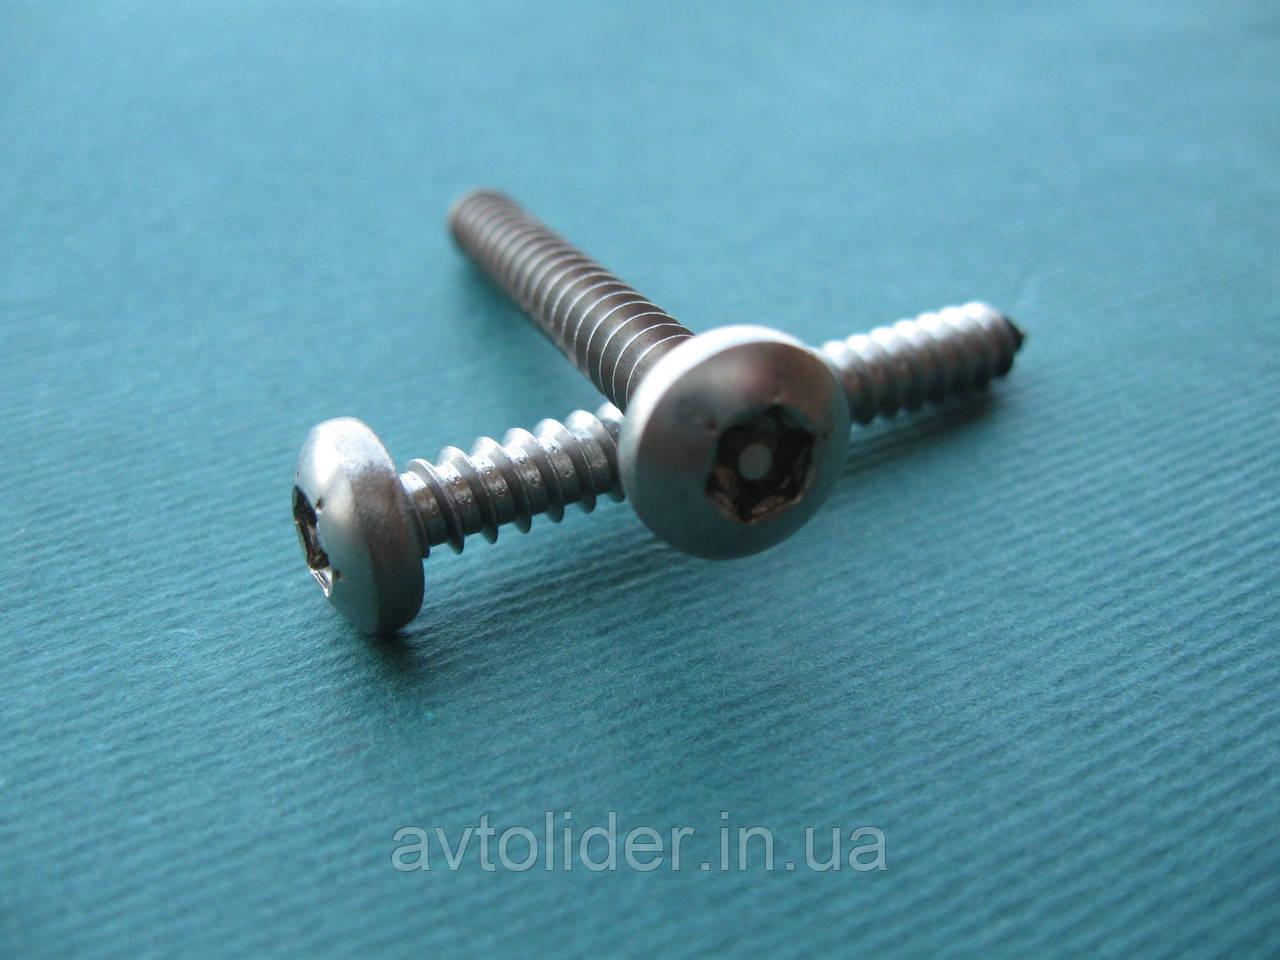 Нержавеющий антивандальный шуруп с полукруглой головкой, TORX+PIN